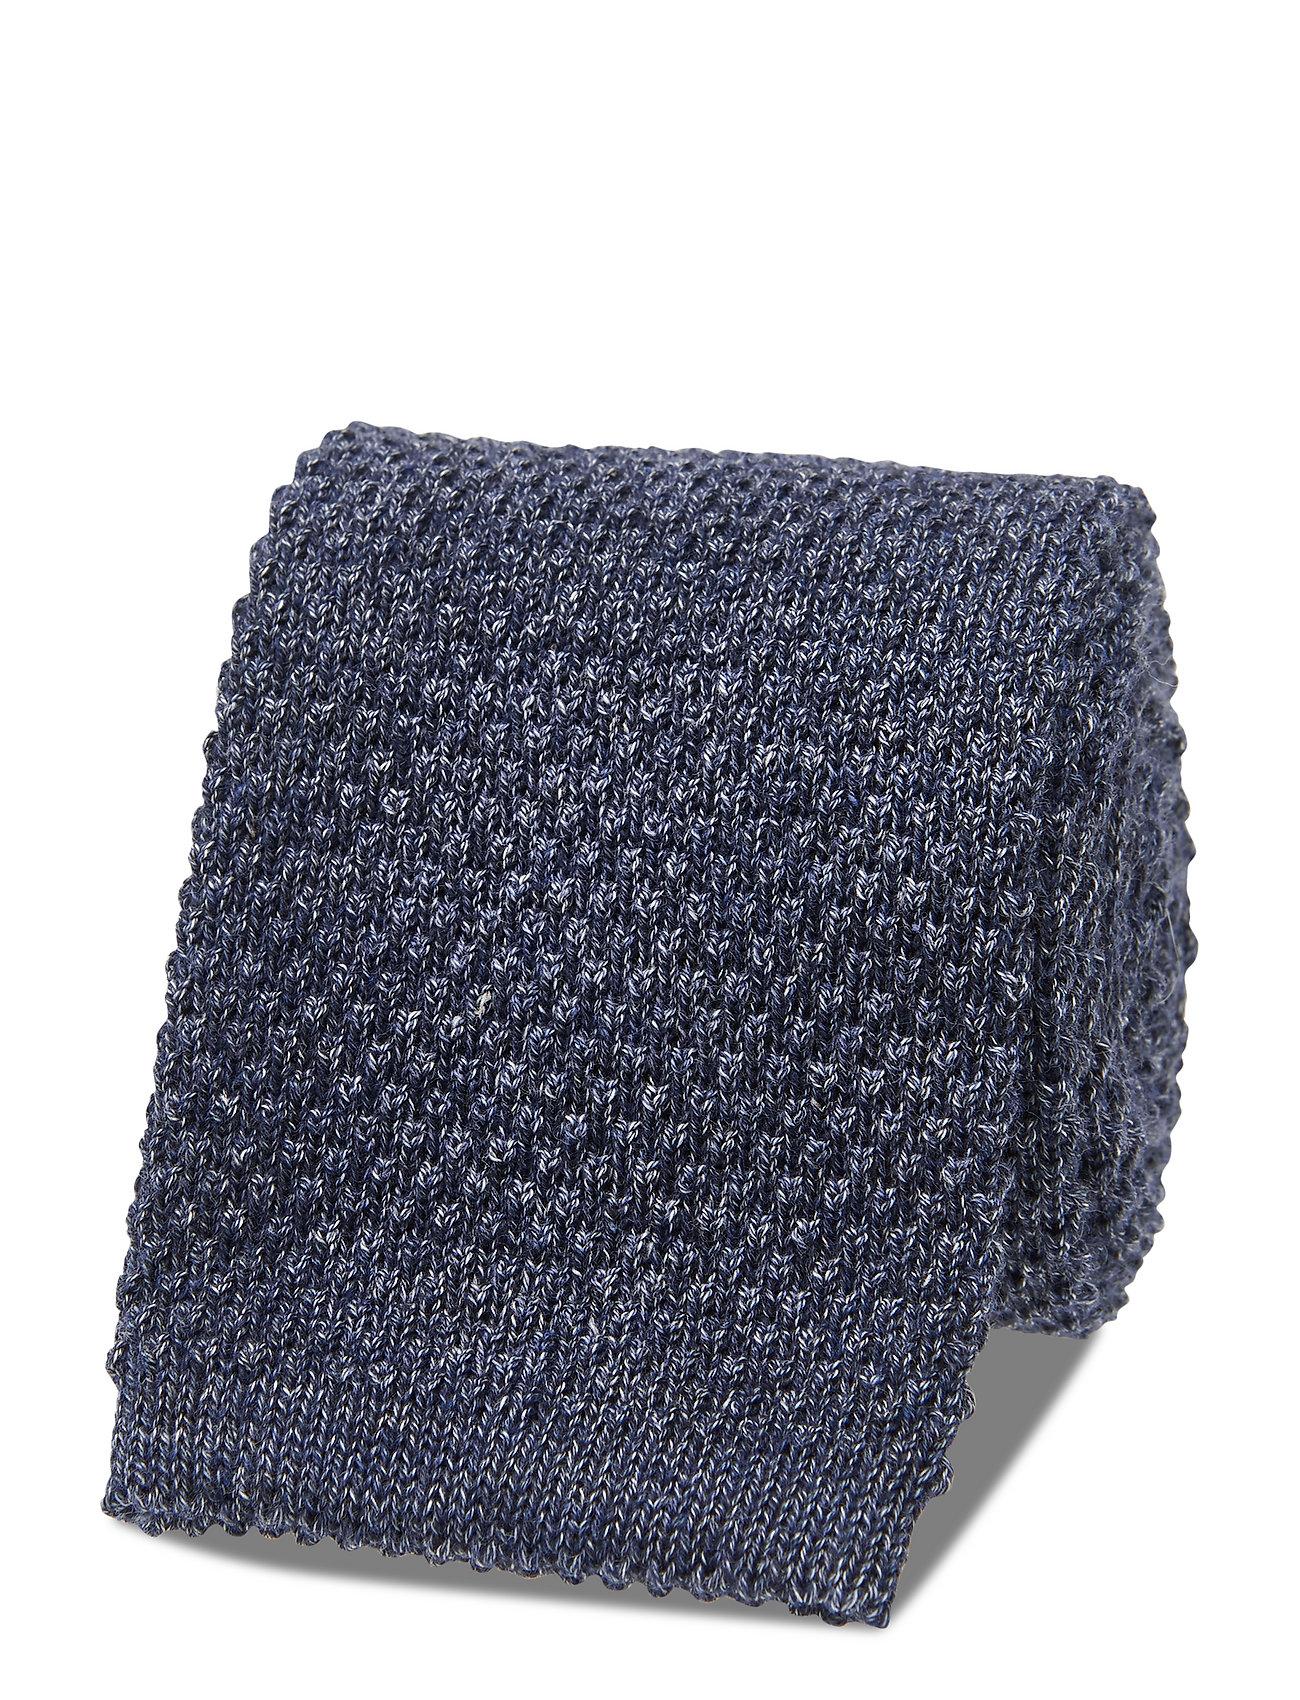 Image of Knitted Tie Slips Blå Amanda Christensen (3459525141)